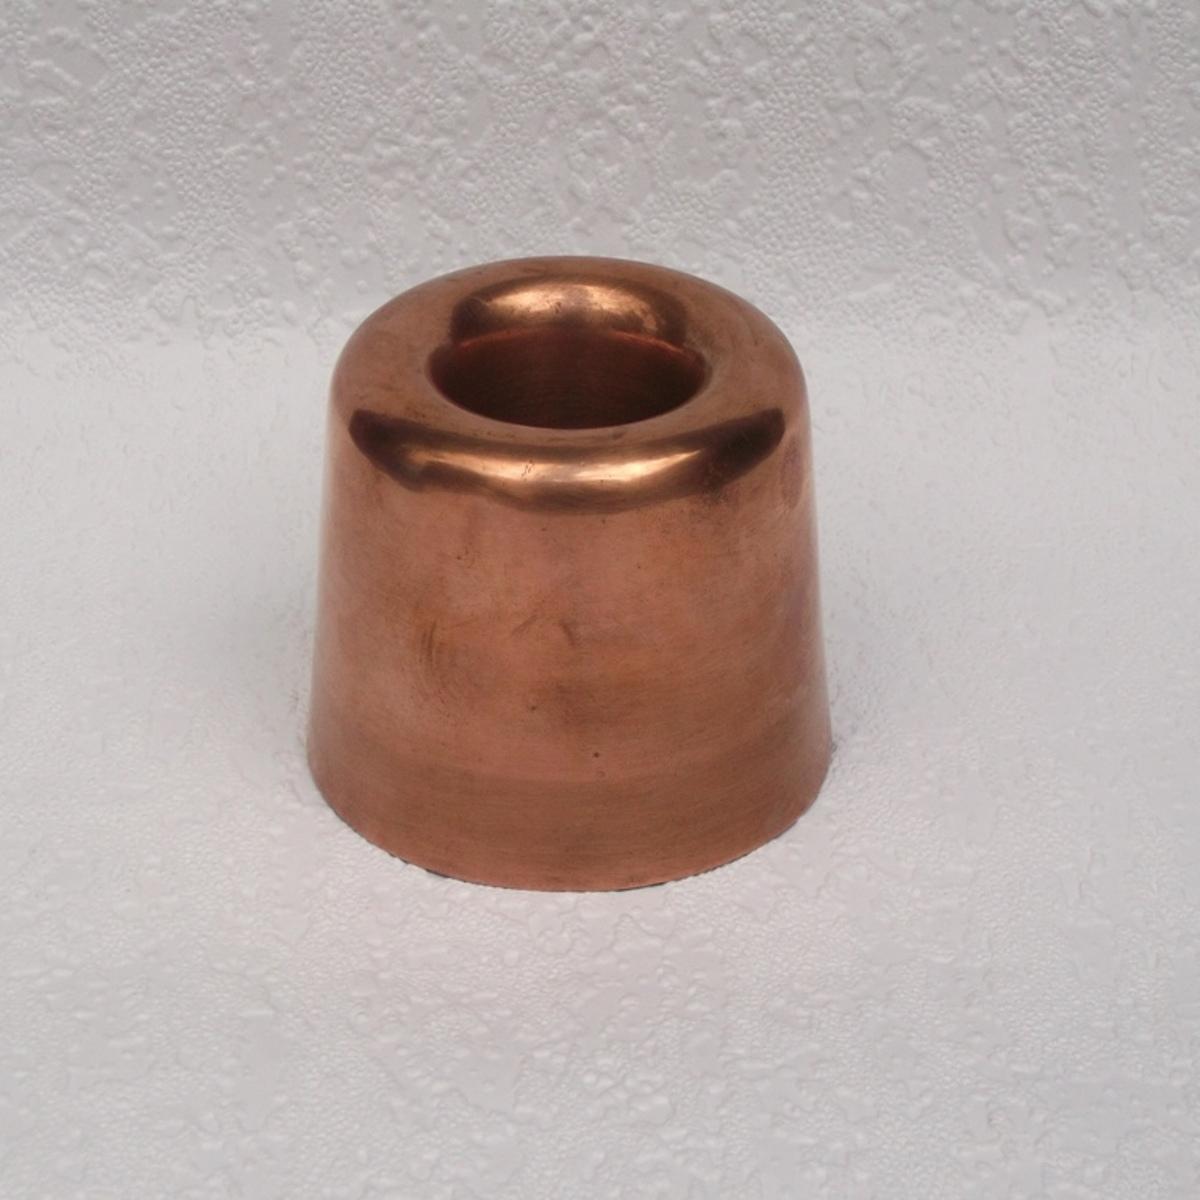 Moule a gateaux en cuivre 2a